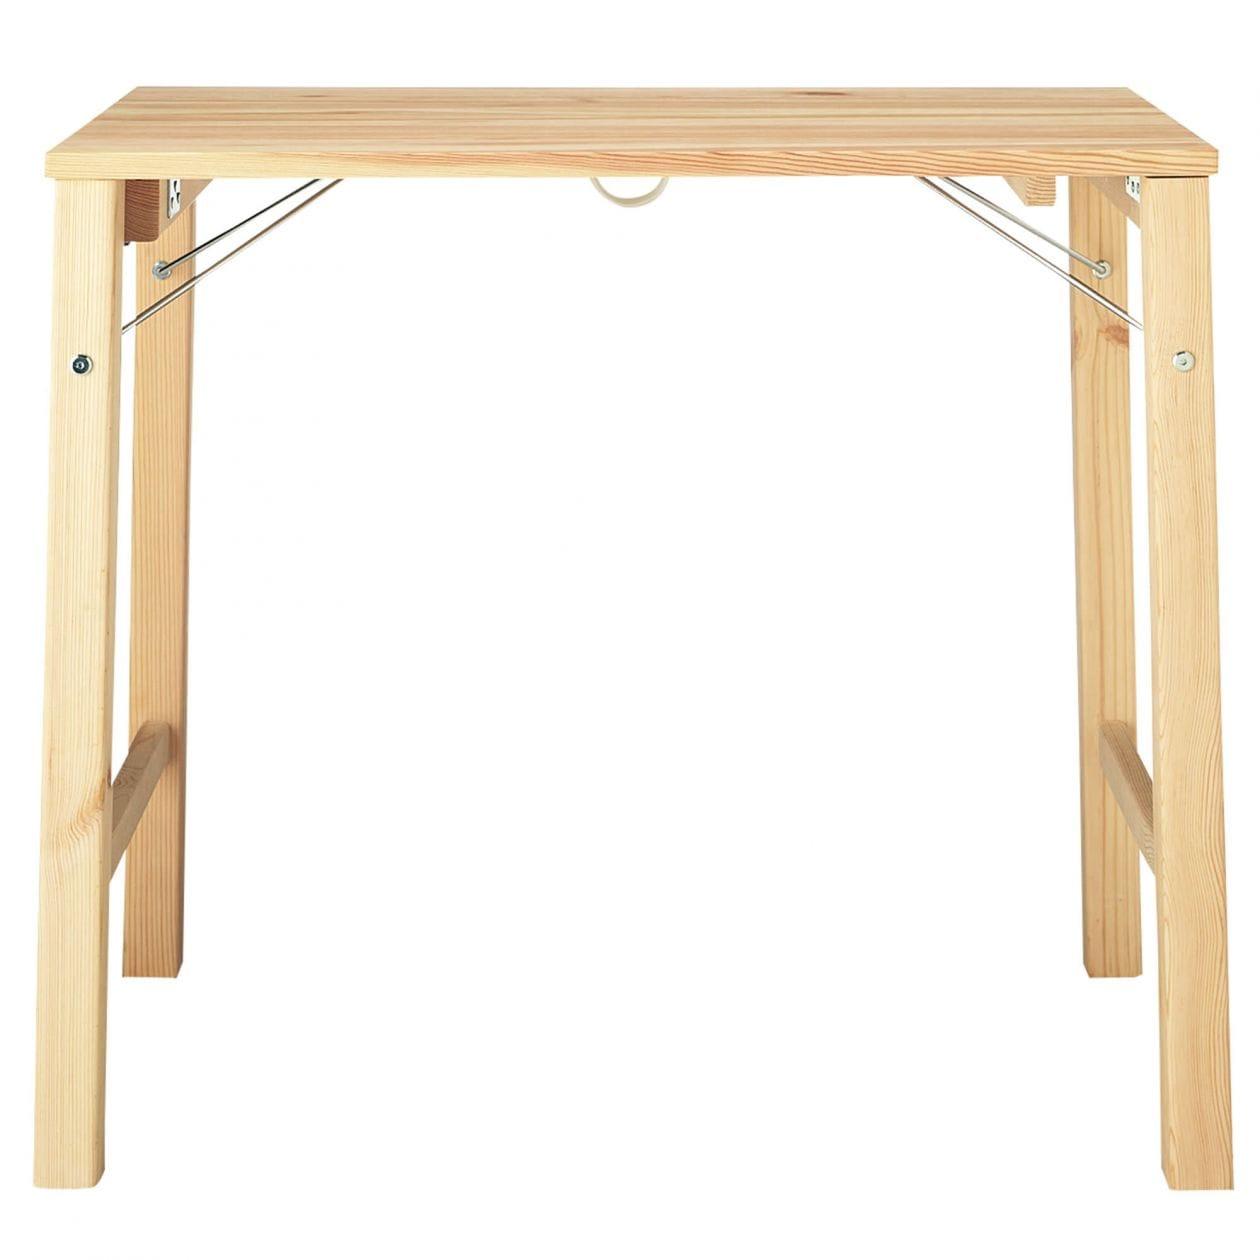 パイン材テーブル・折りたたみ式